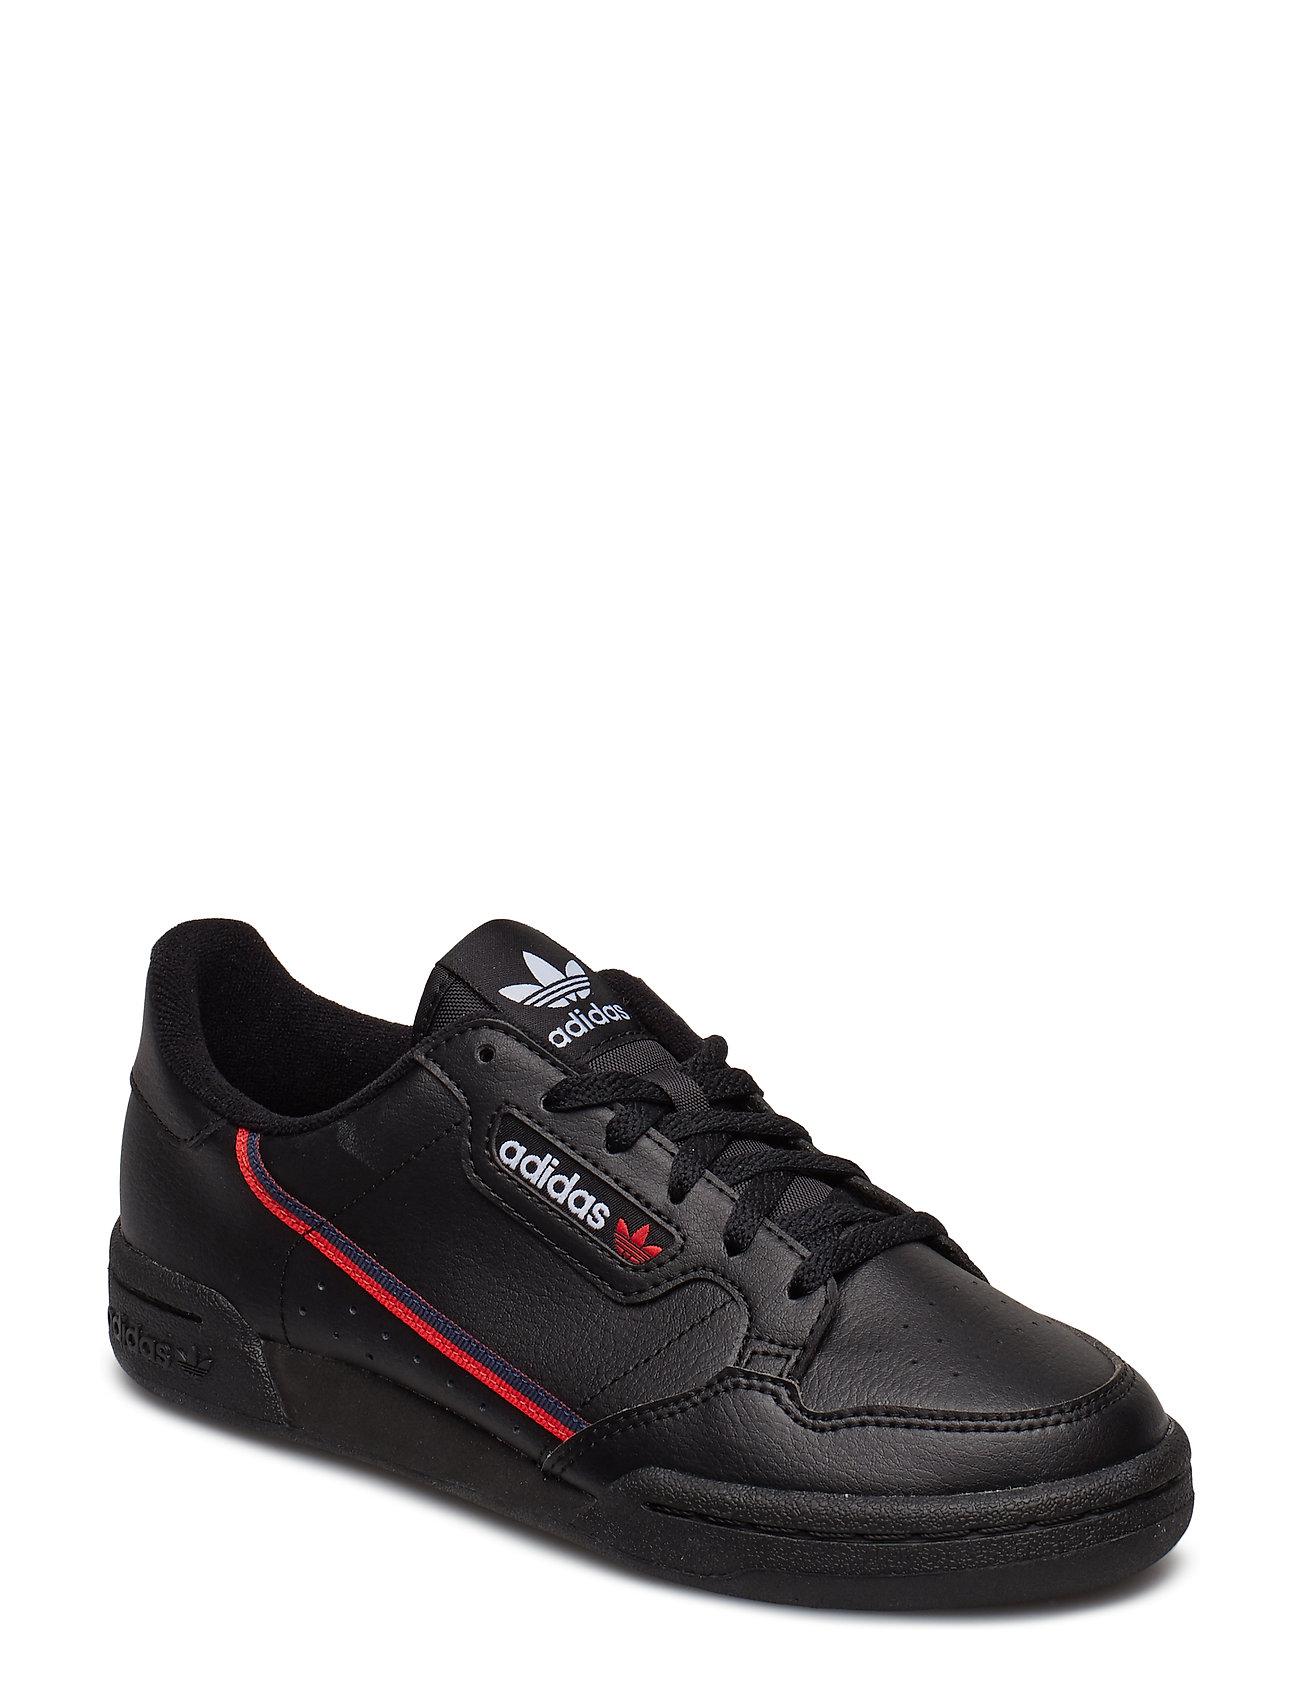 adidas Originals CONTINENTAL 80 J - CBLACK/SCARLE/CONAVY